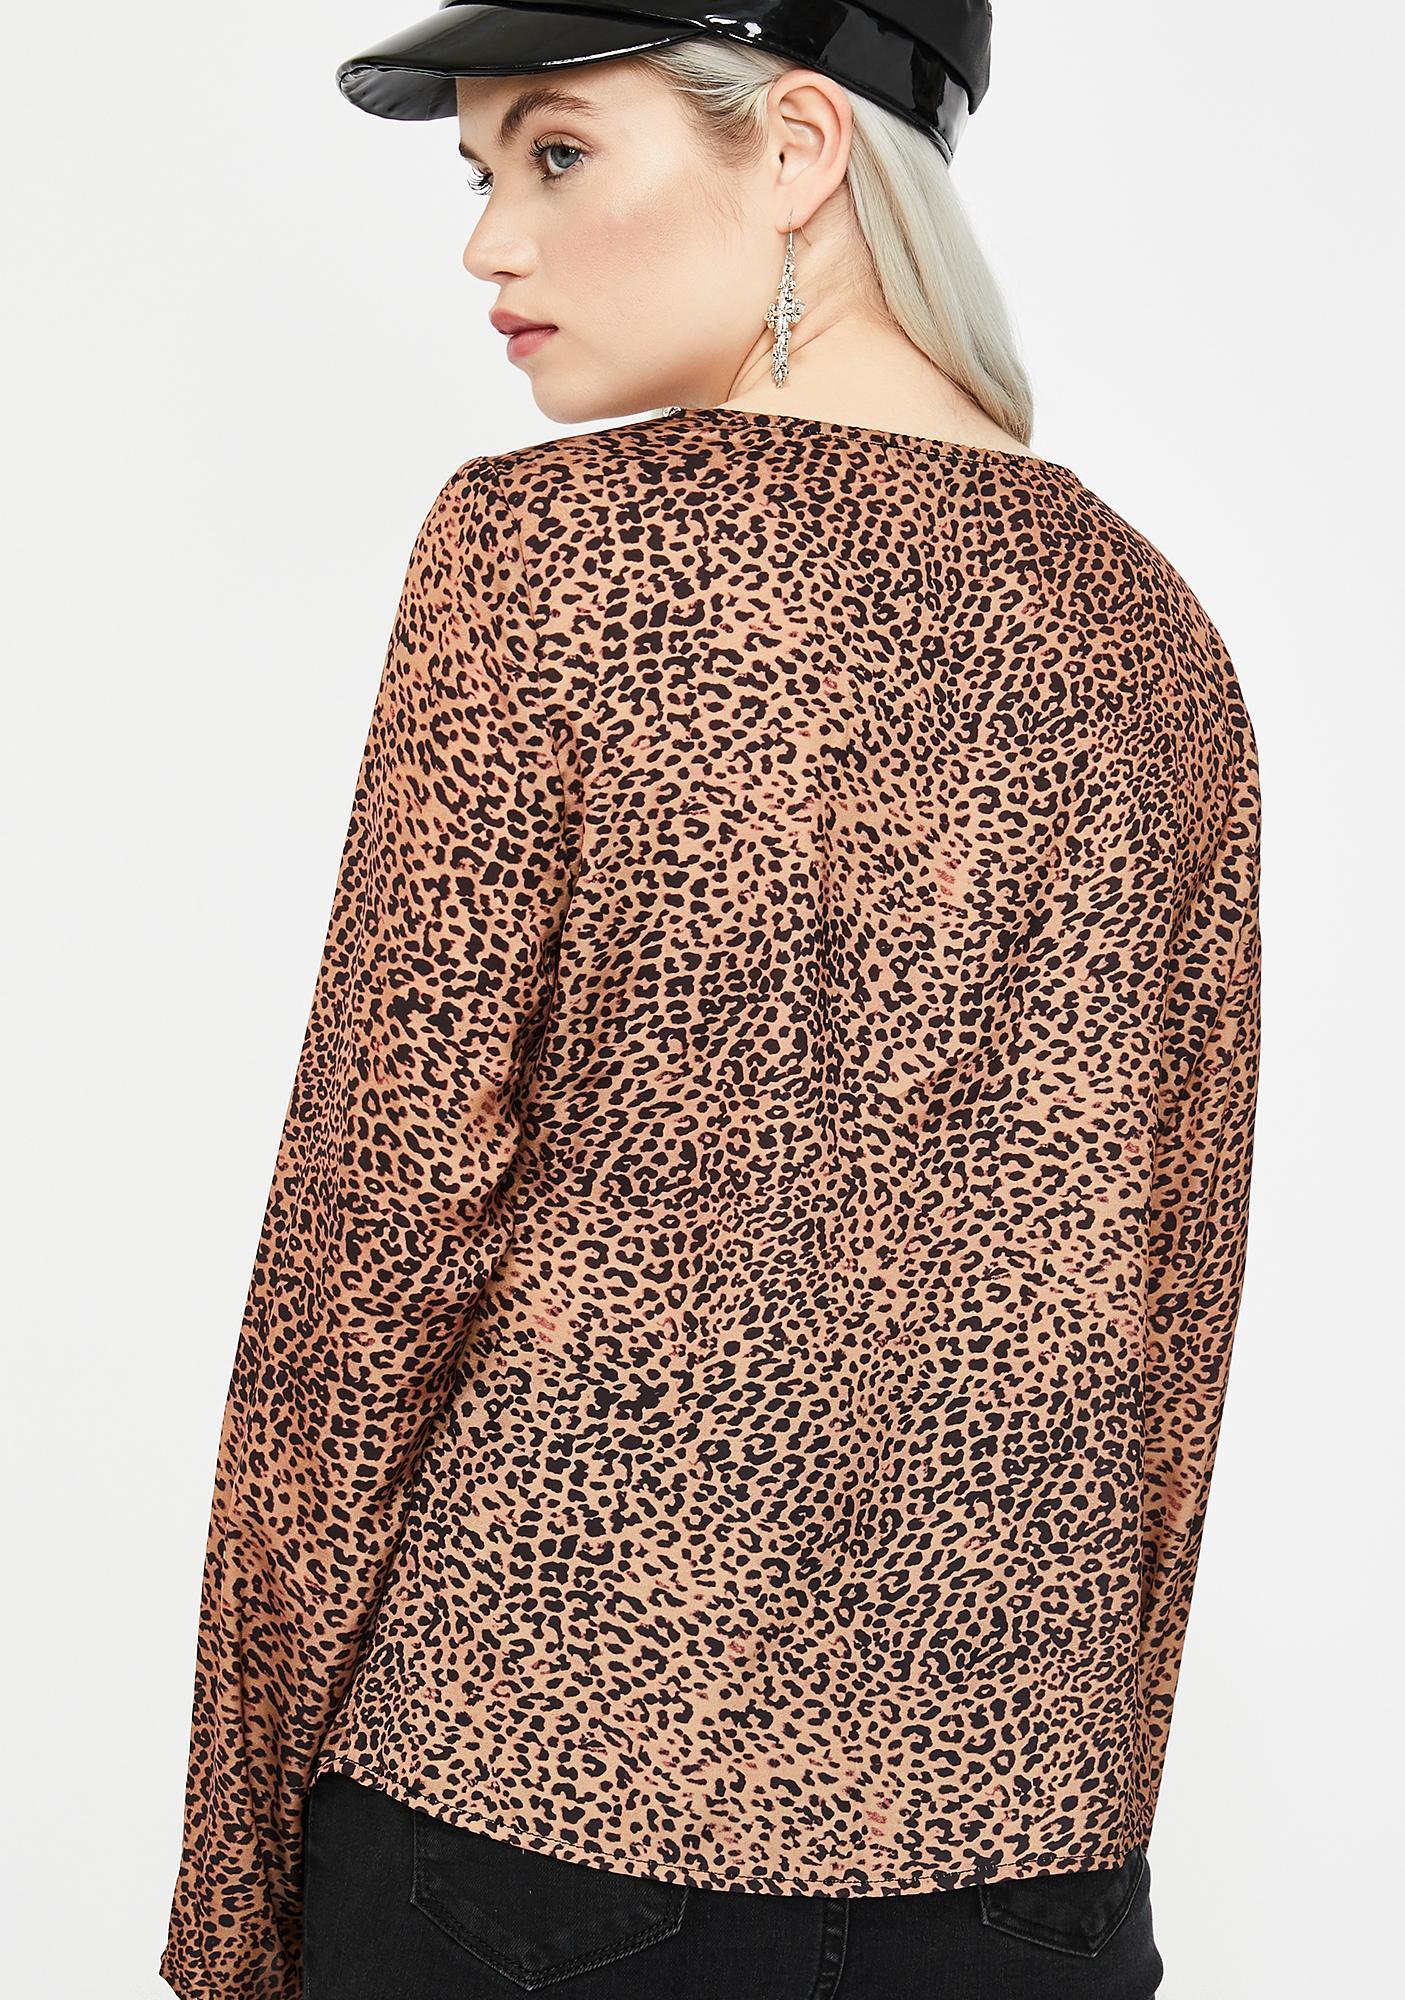 Cheetah Chic O- Ring Top